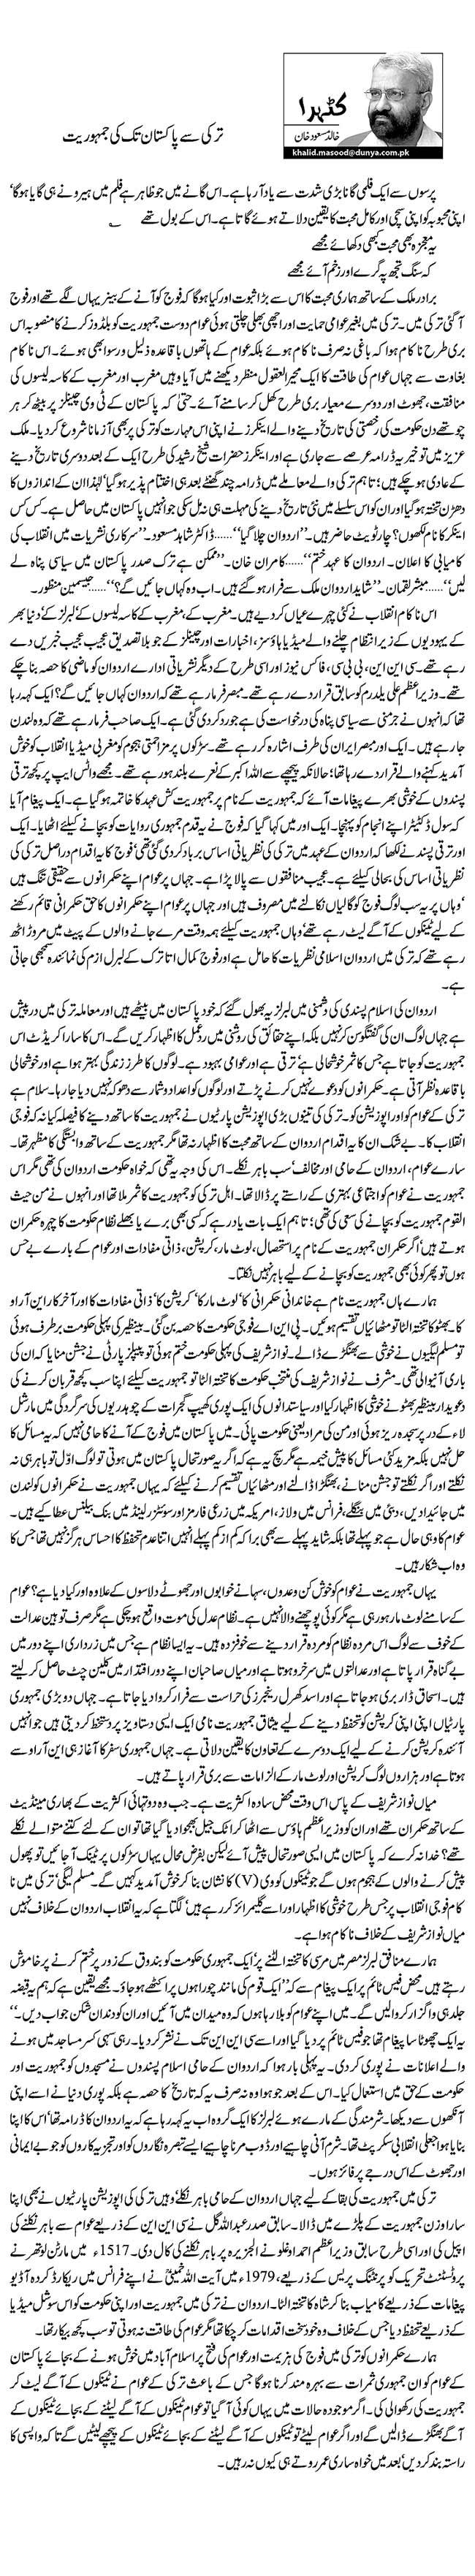 ترکی سے پاکستان تک کی جمہوریت